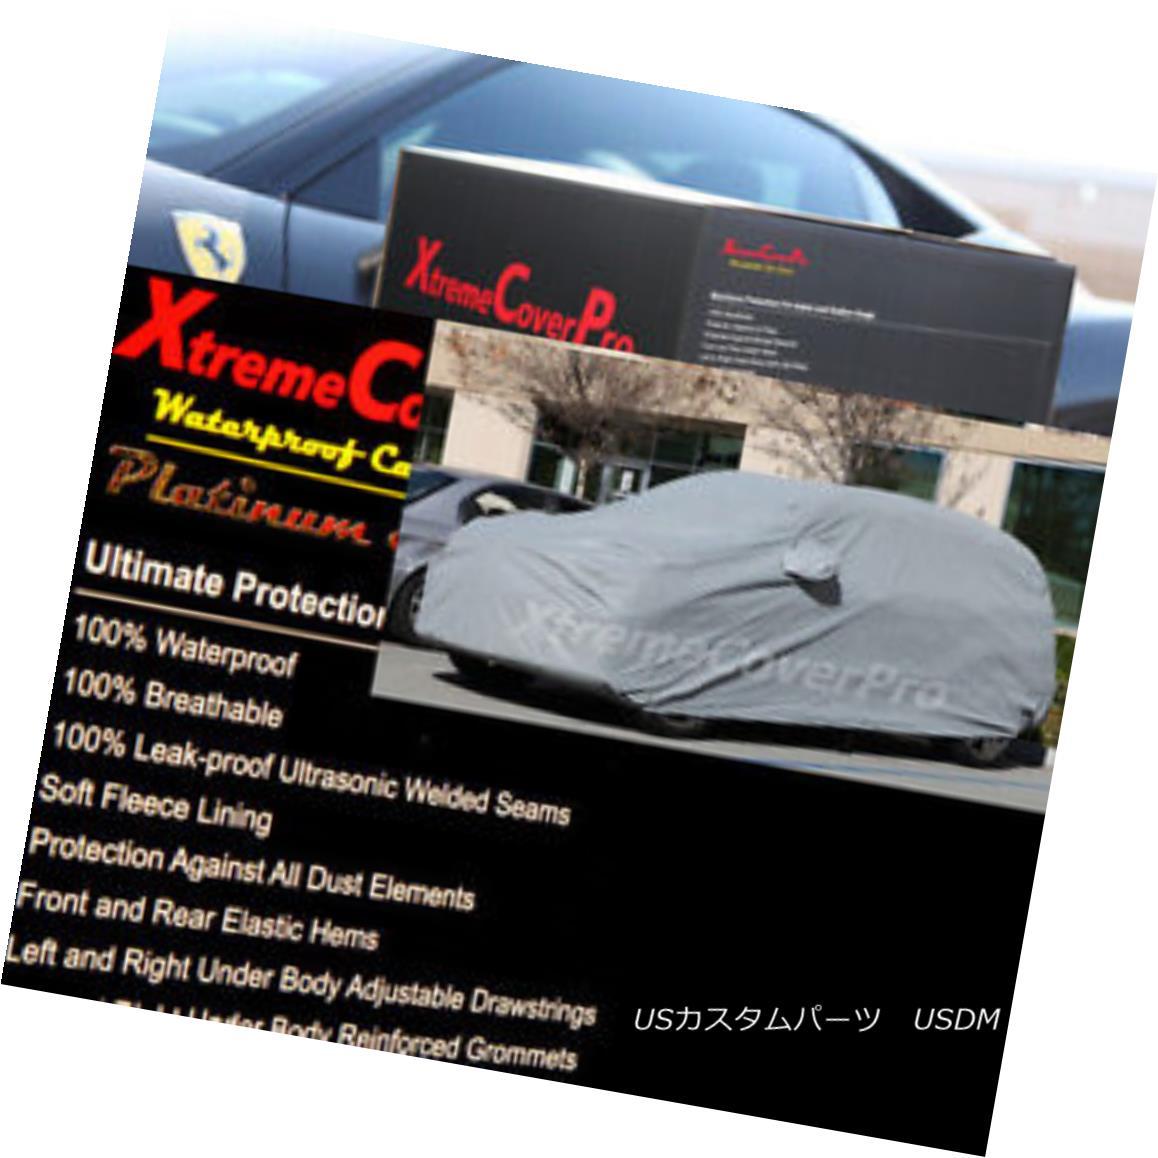 カーカバー WATERPROOF CAR COVER W/MIRROR POCKET FOR 2018 2017 2016 2015 NISSAN PATHFINDER 2018年の防水カーカバーWIR / MIRRORポケット2017 2016 2015日産のパスファインダー